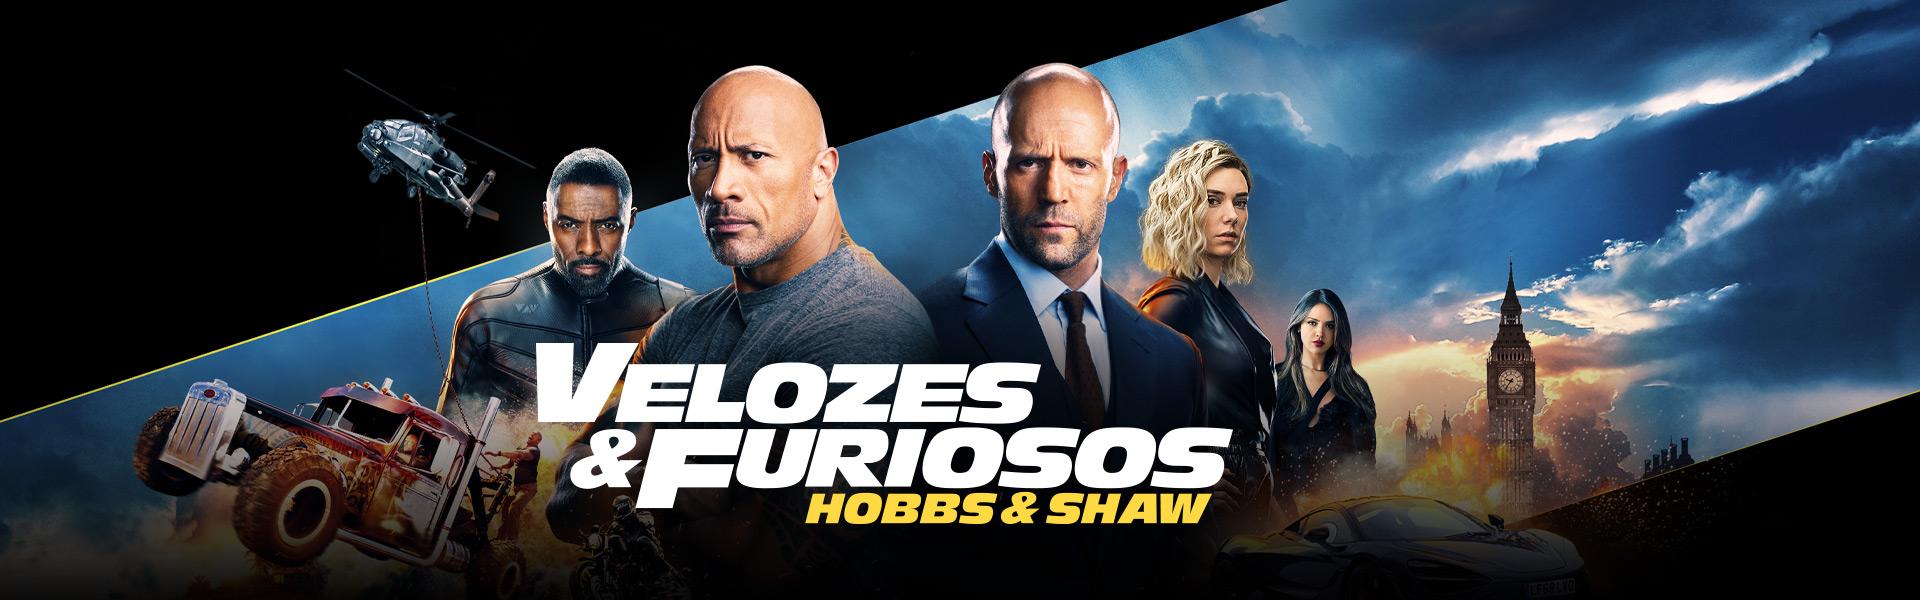 Velozes e Furiosos: Hobbs & Shaw